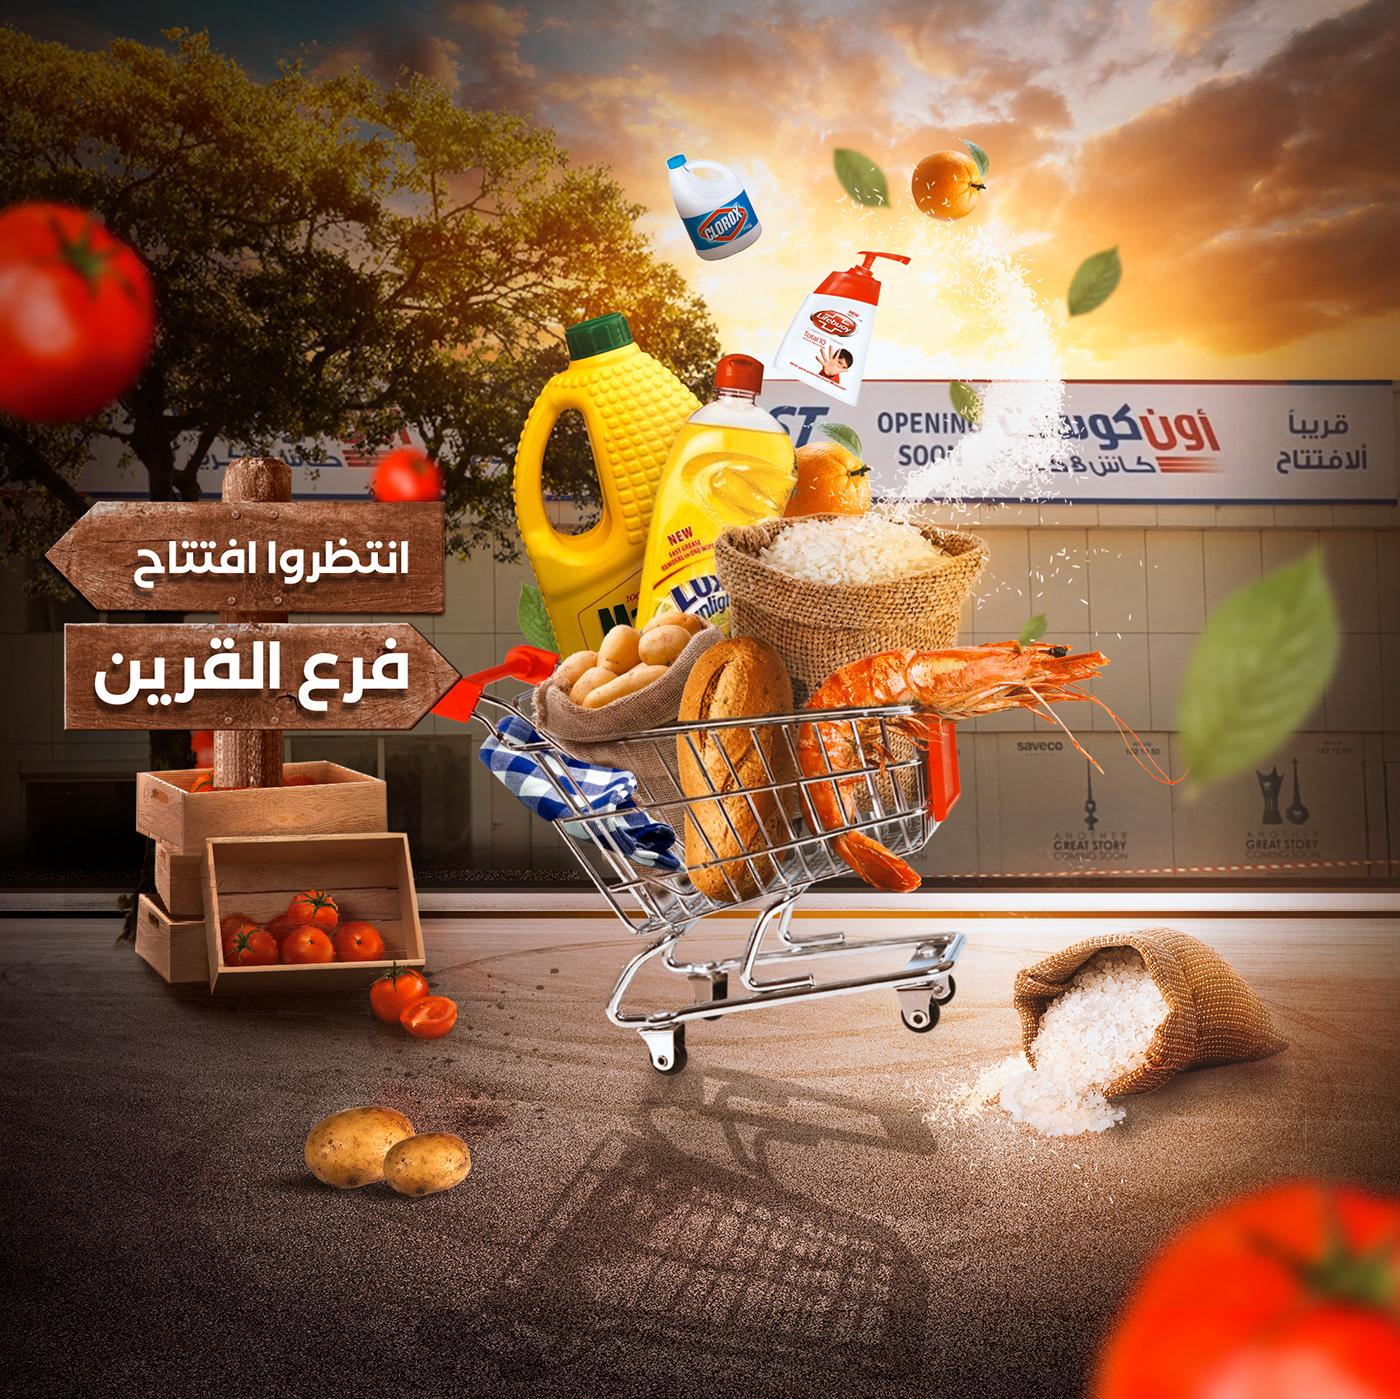 design ads social media manipulation Food  Supermarket